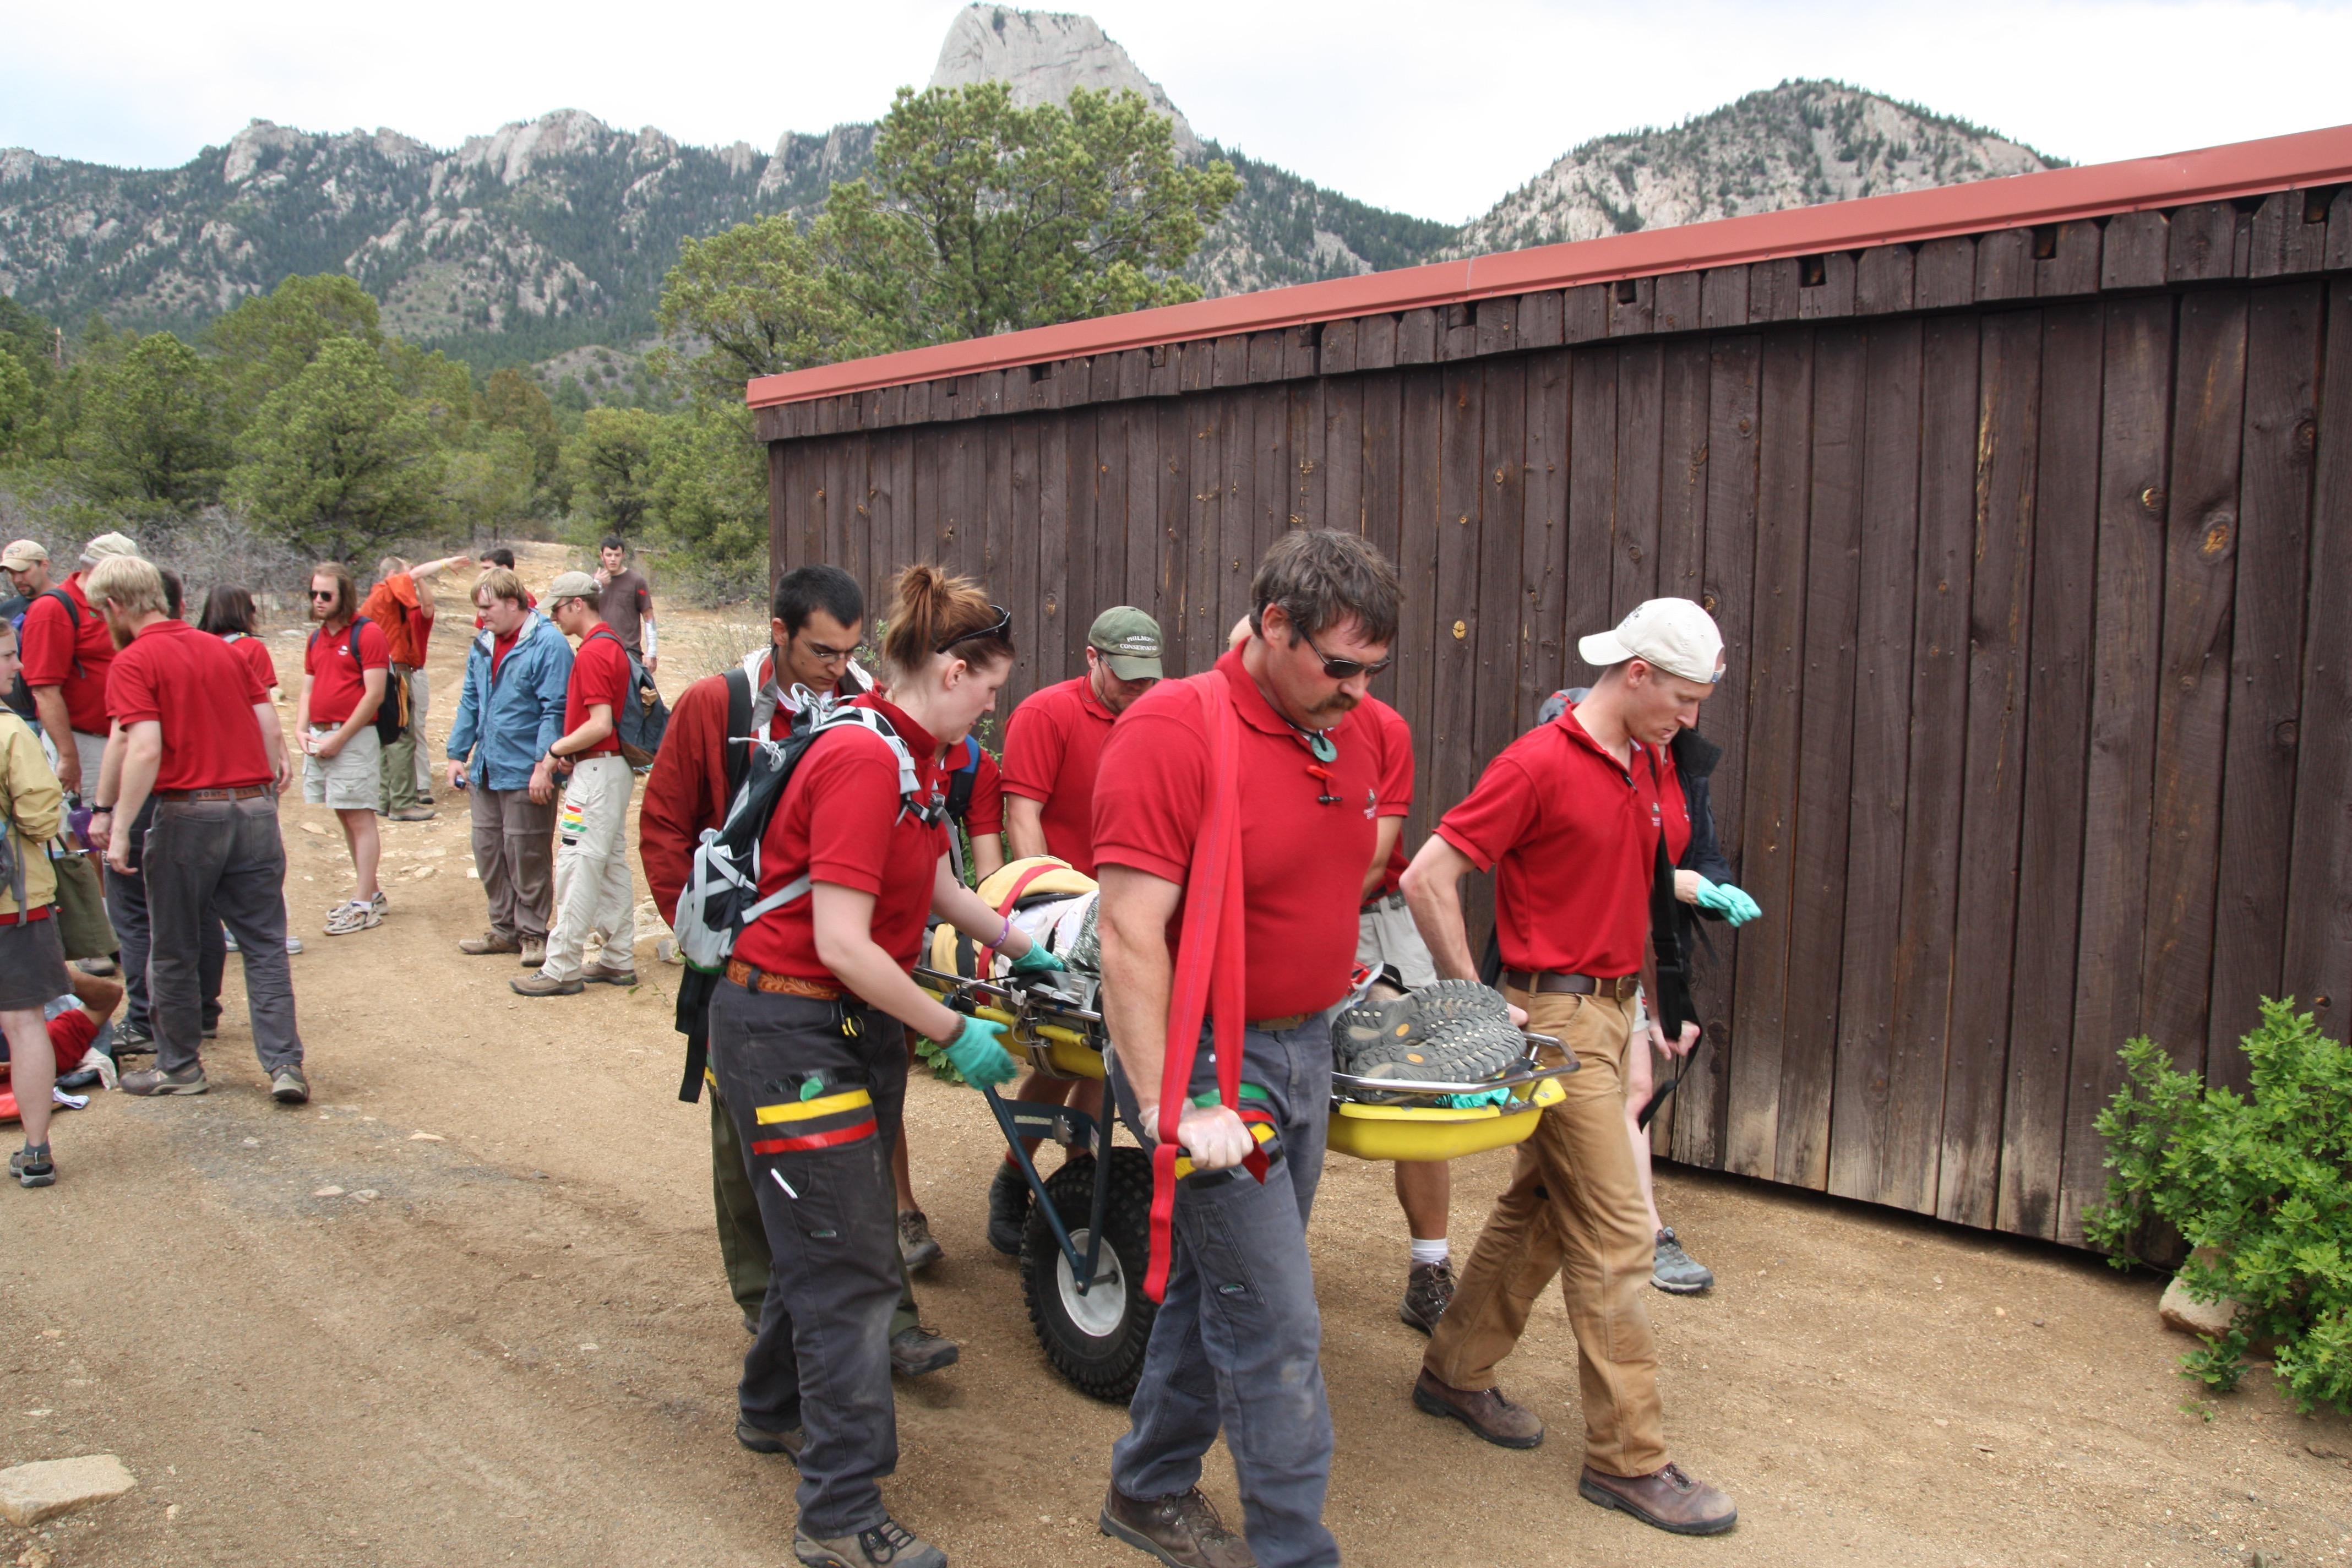 Wilderness First Responder Bridge Tigerclaw Medical